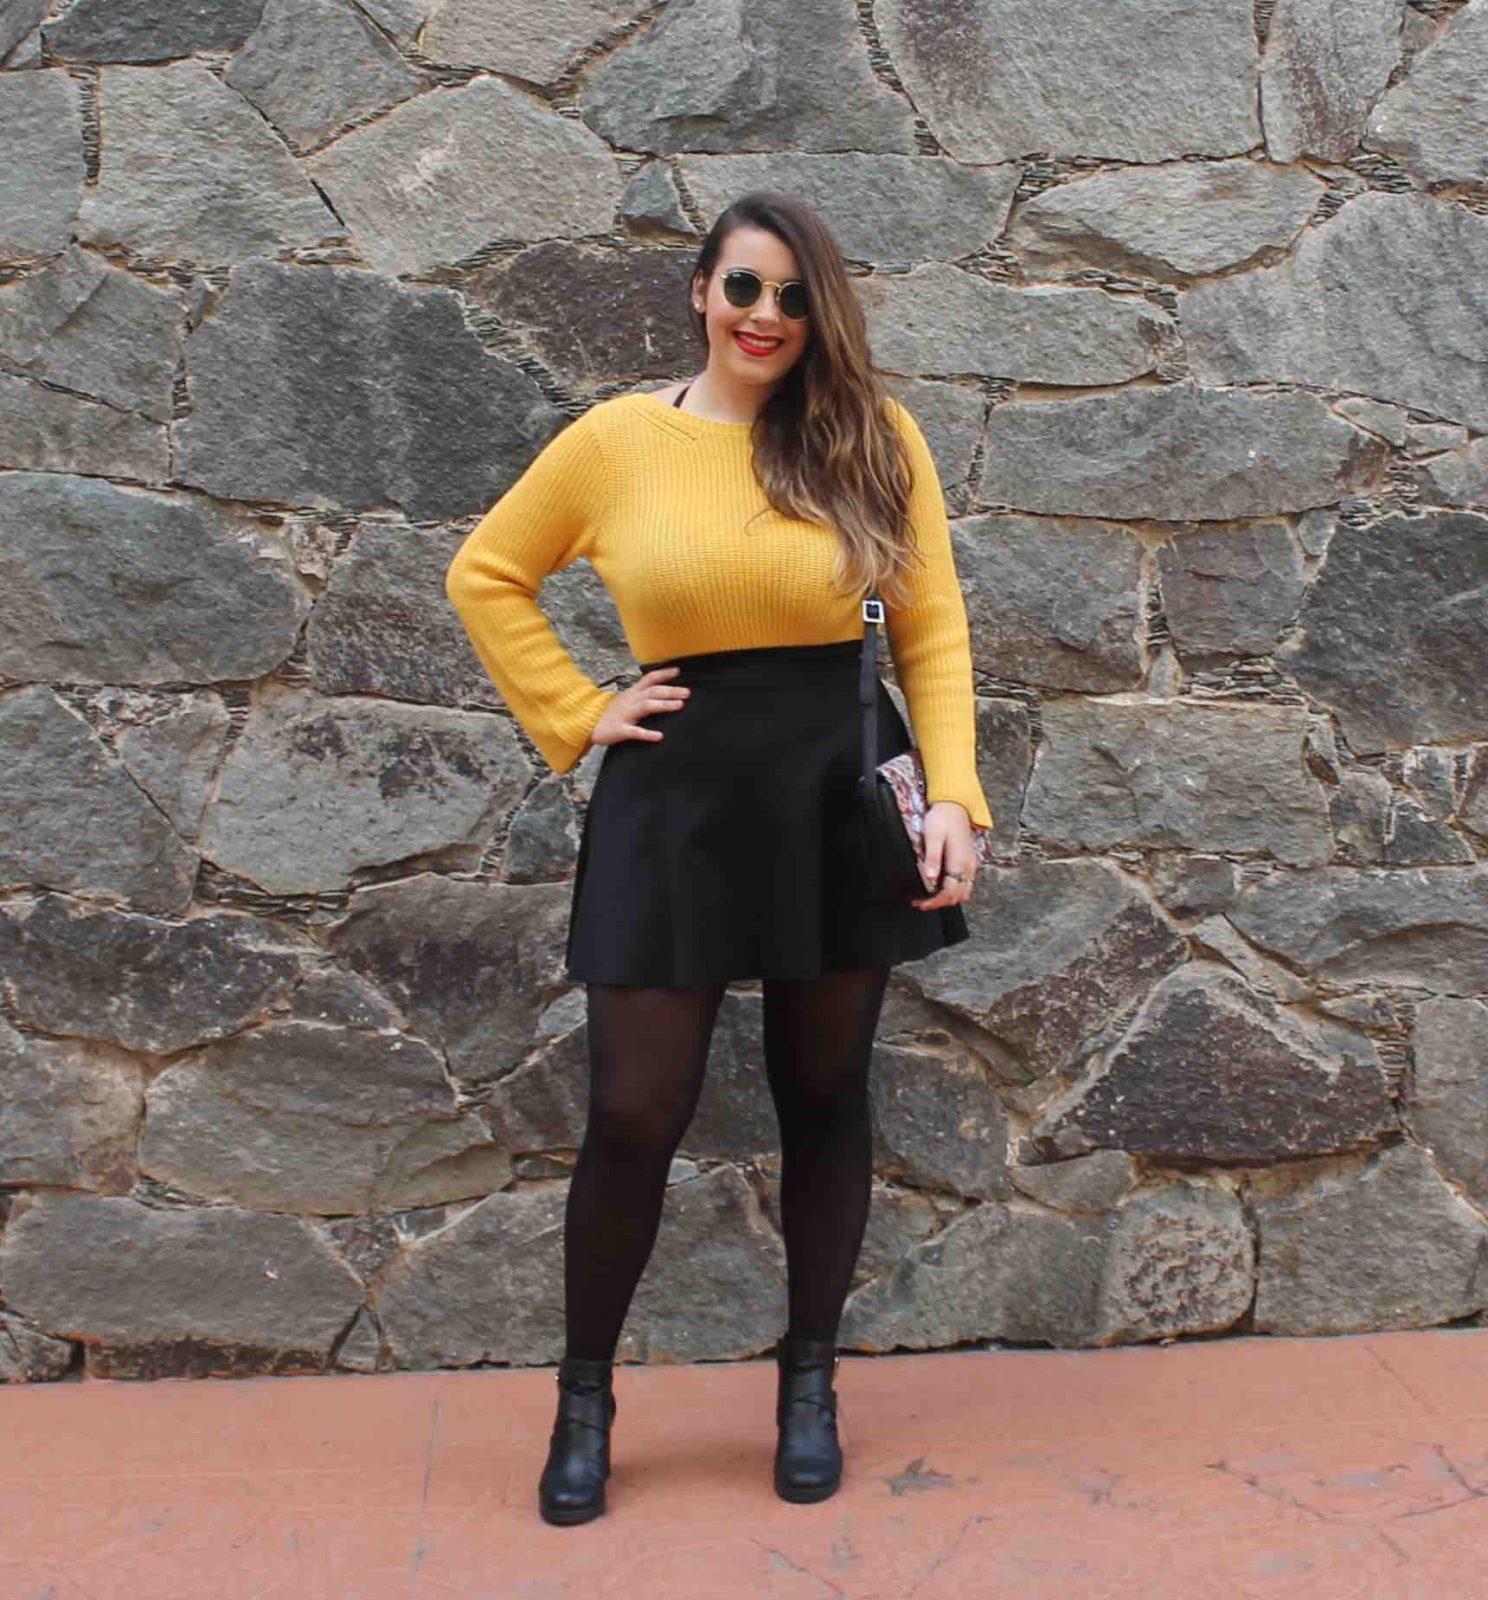 marikowskaya streete style amanda jersey amarillo (1)